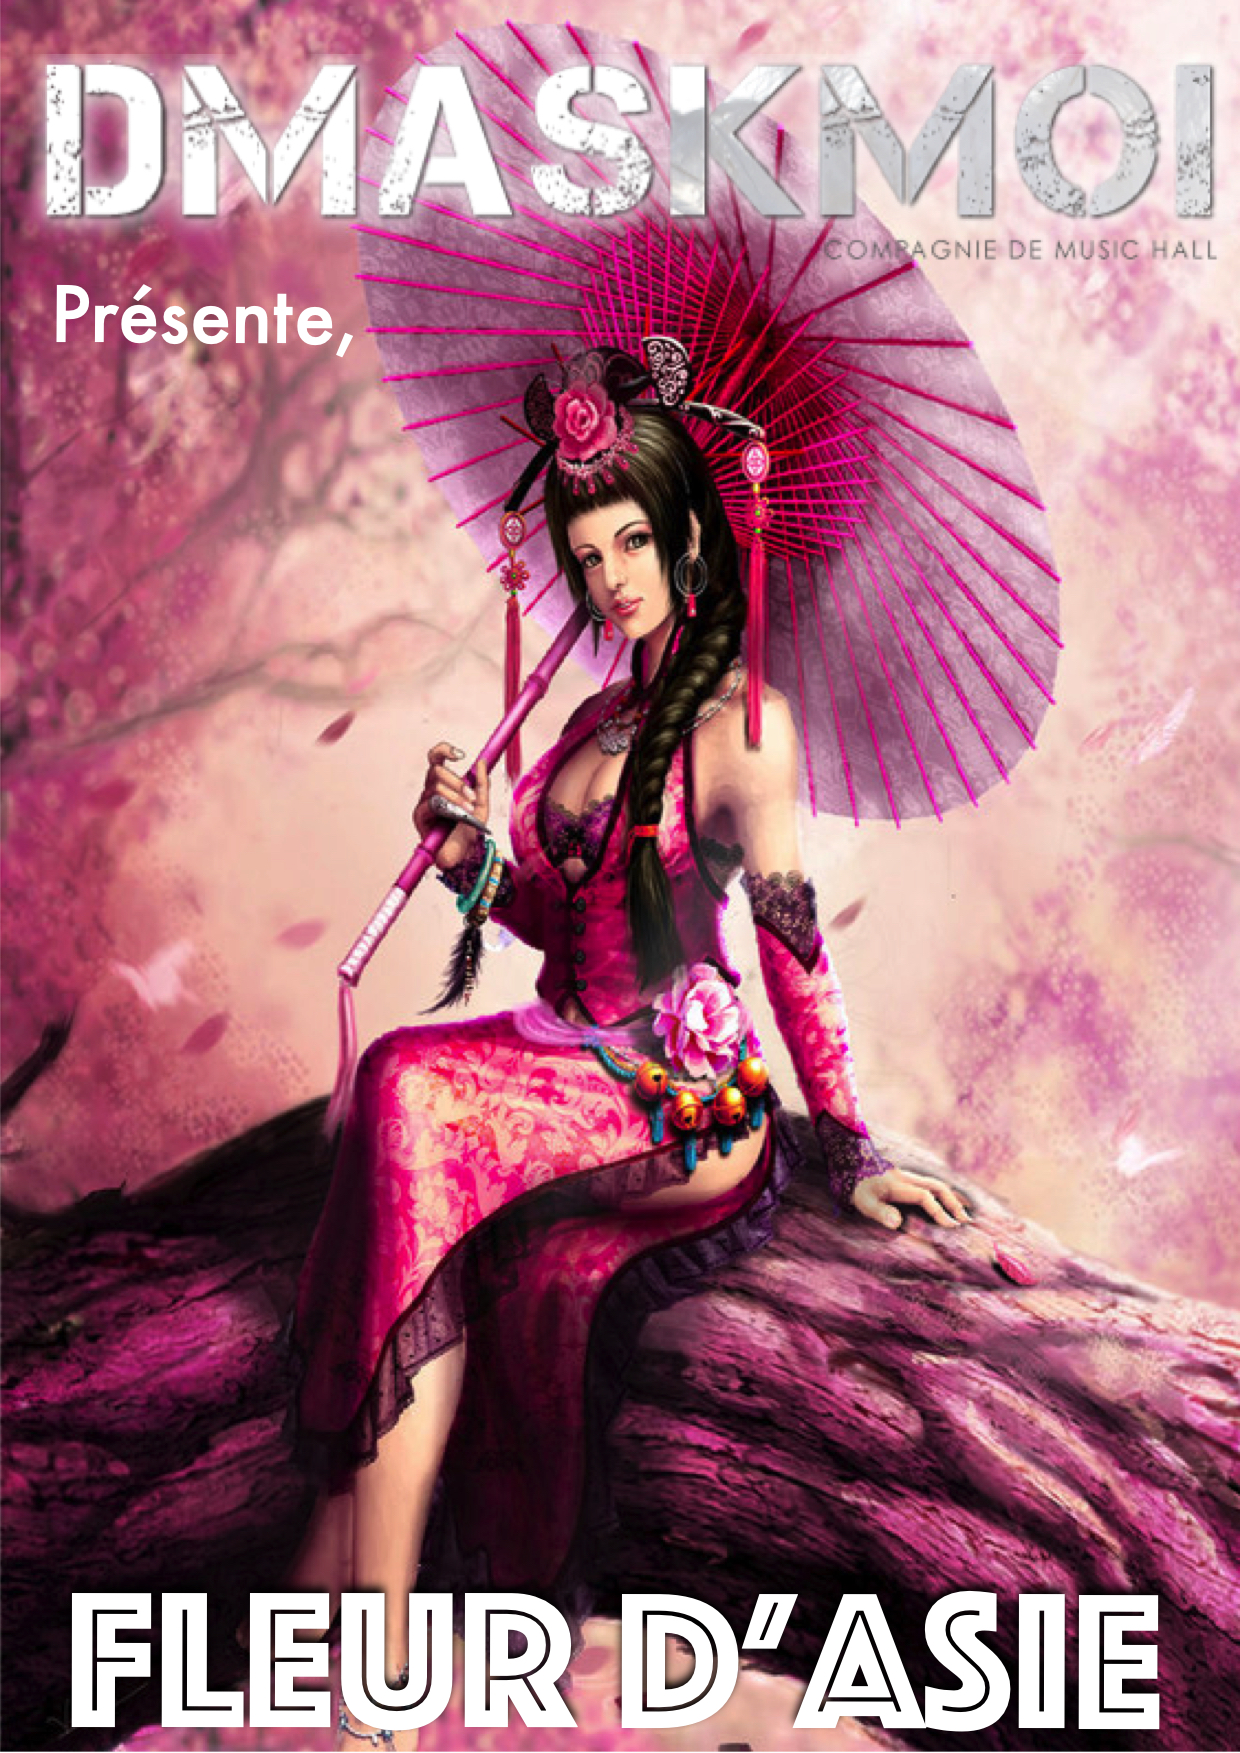 Fleur d'Asie